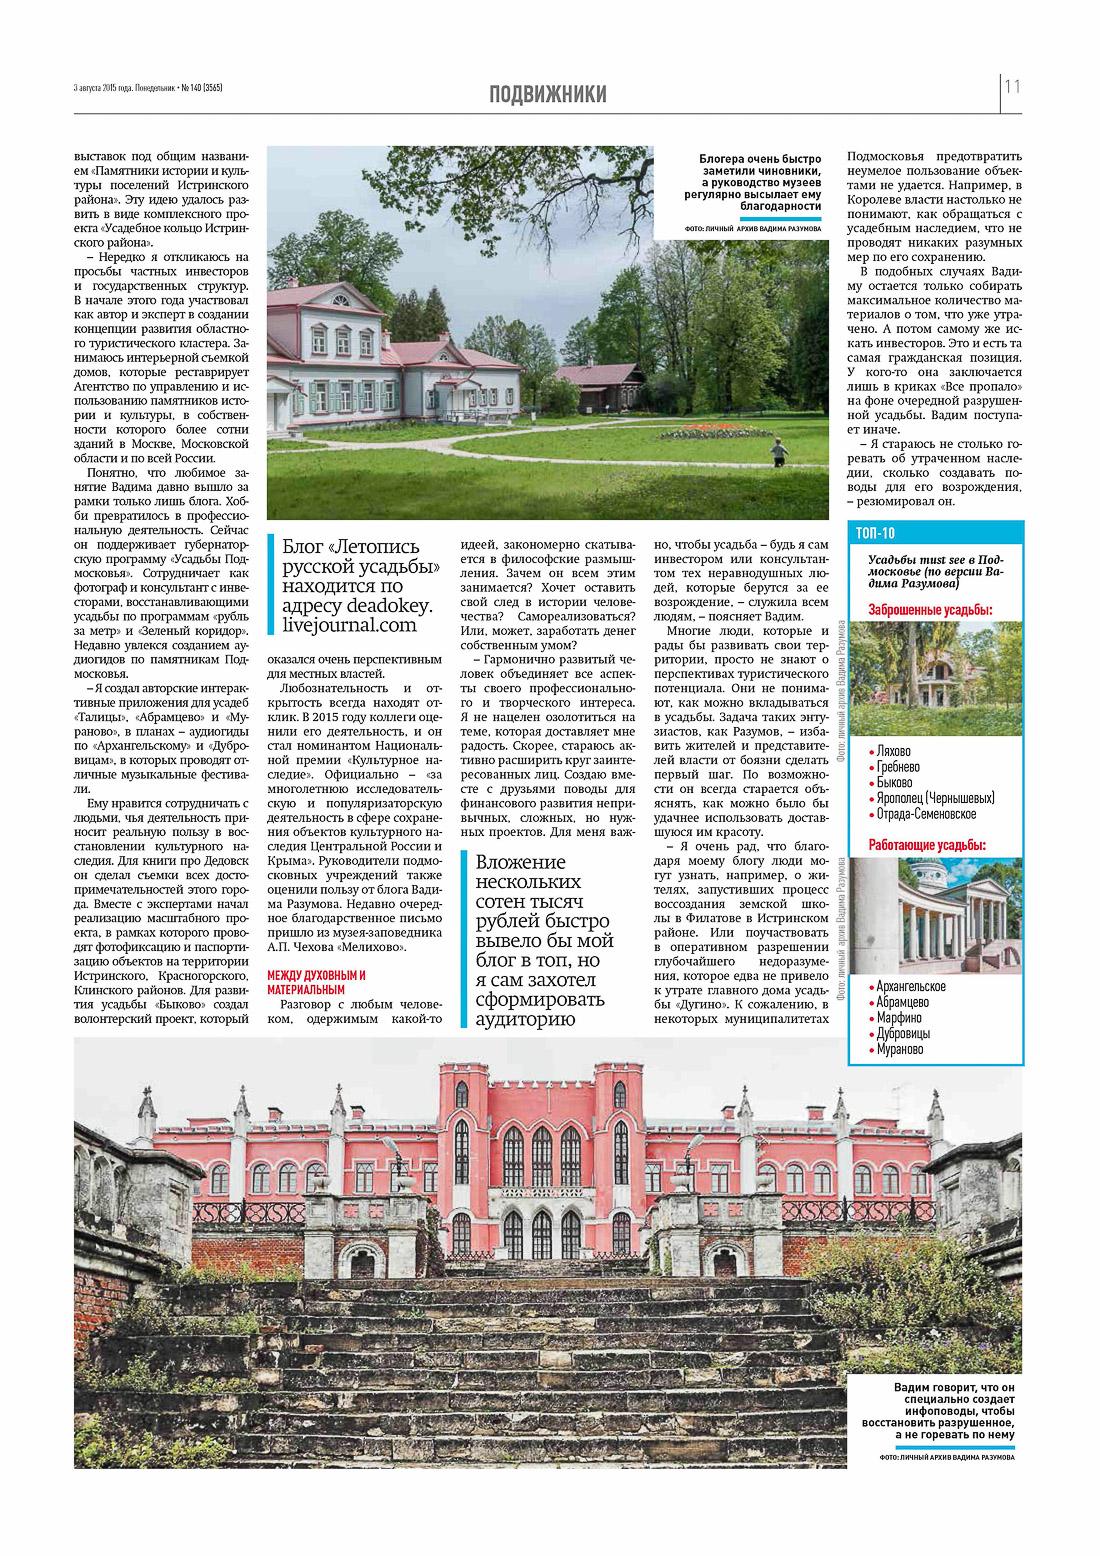 Радетель Подмосковья - статья в газете Подмосковье Сегодня